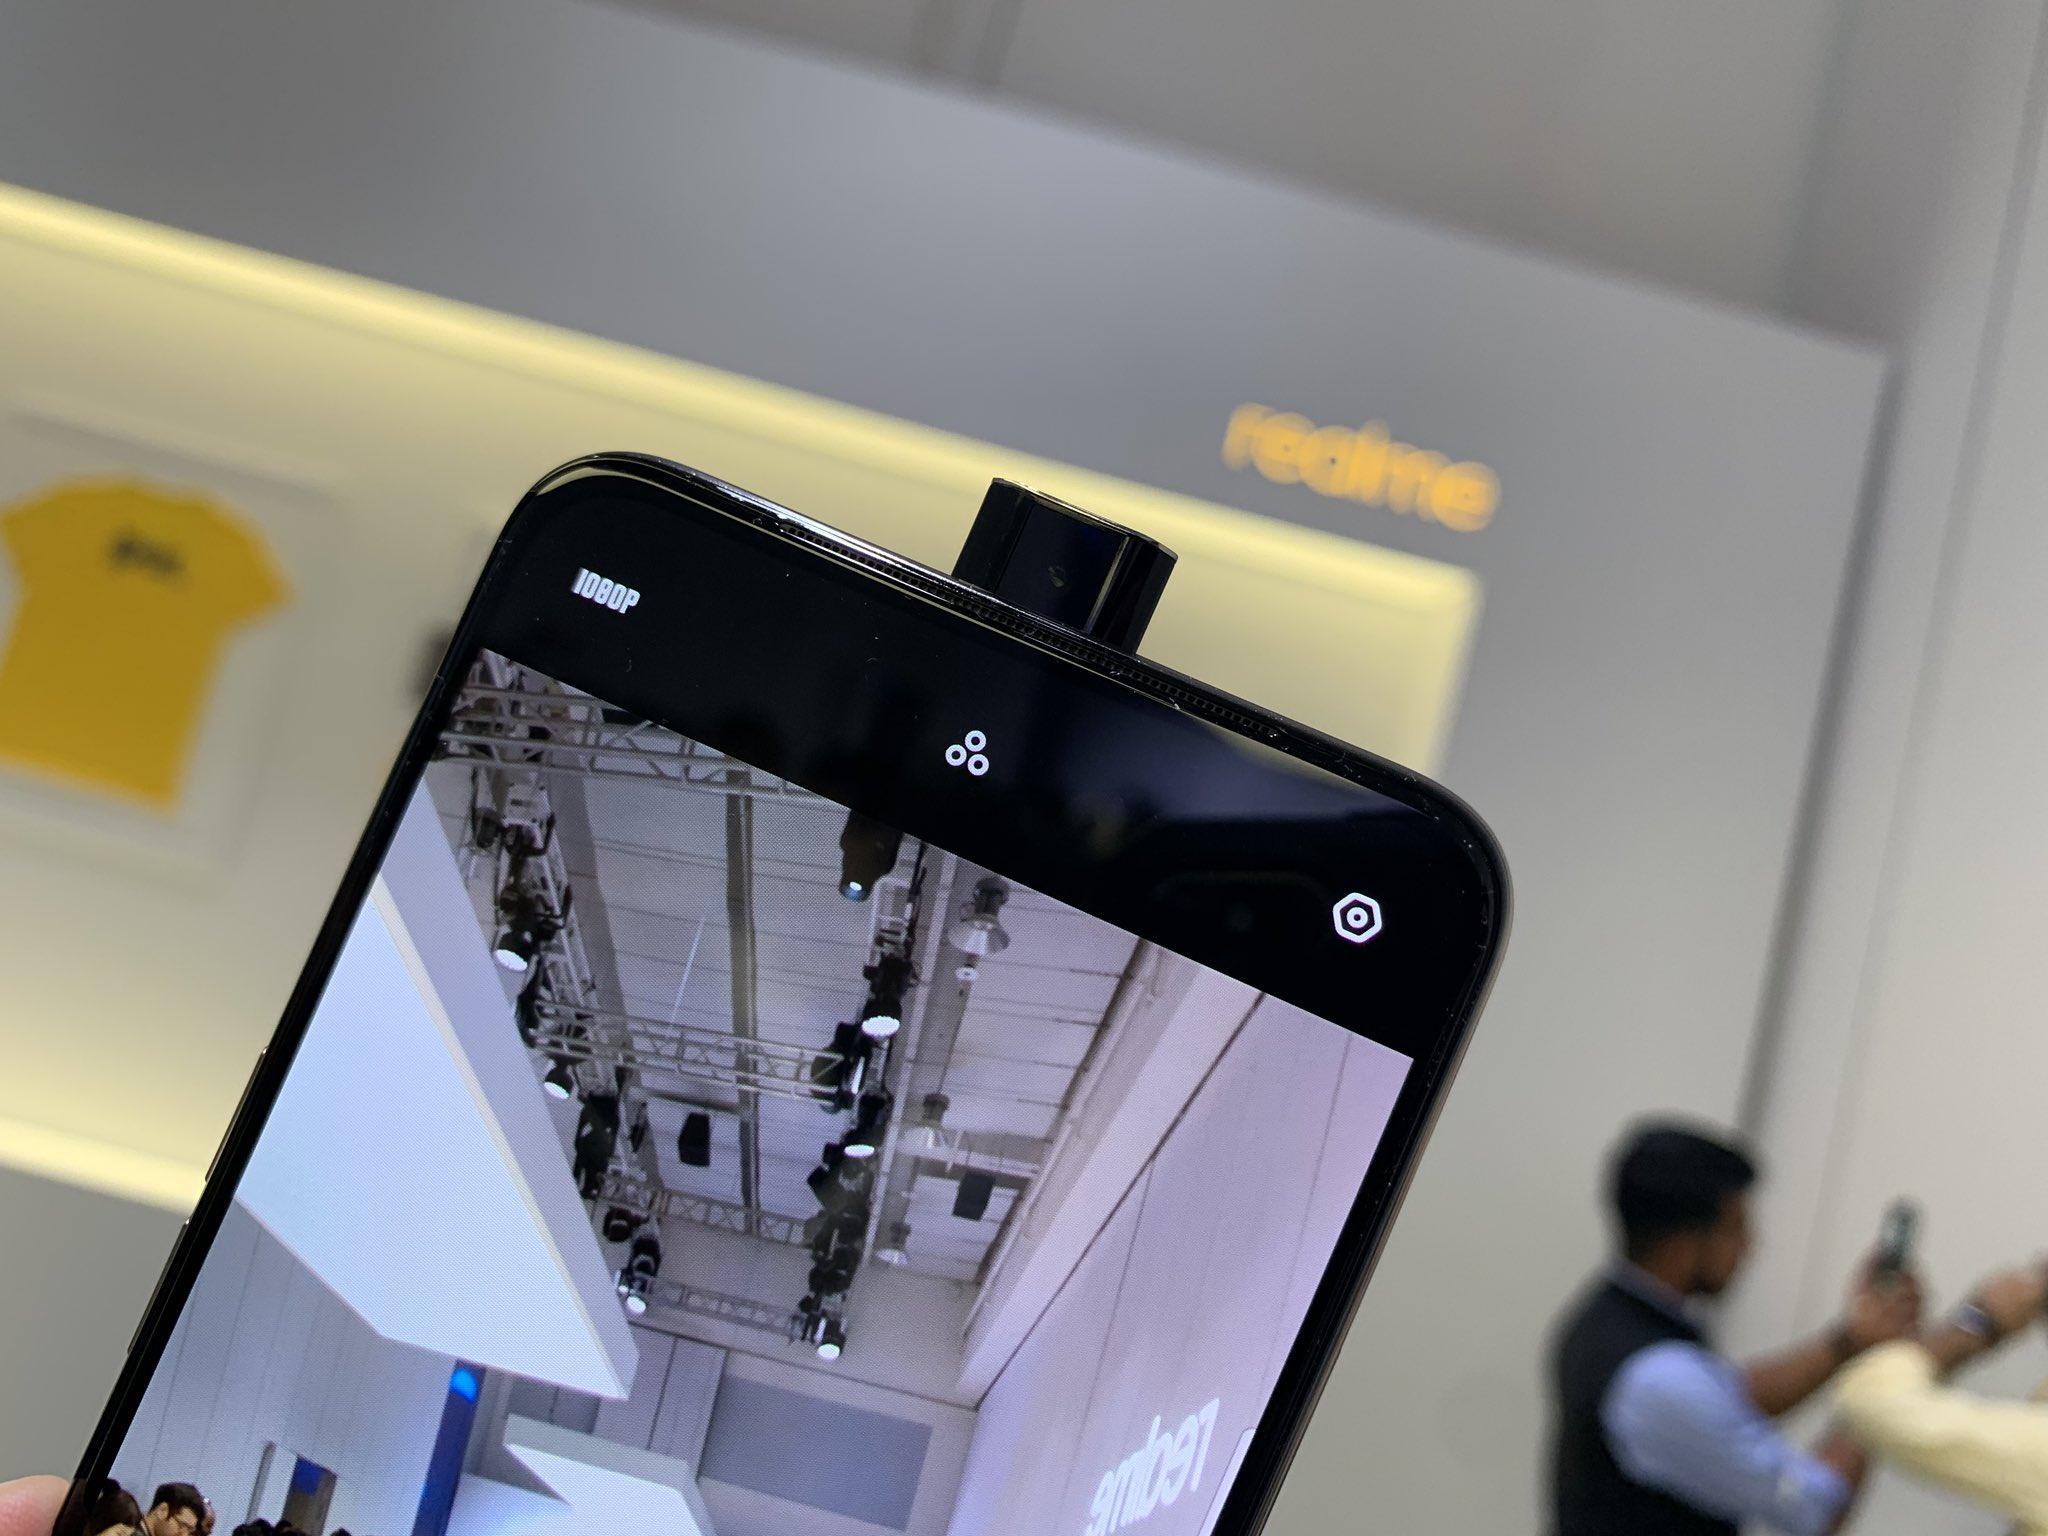 الكشف رسميًا عن هاتف Realme X بكاميرا منبثقة من الأعلى وإمكانيات رائعة للغاية